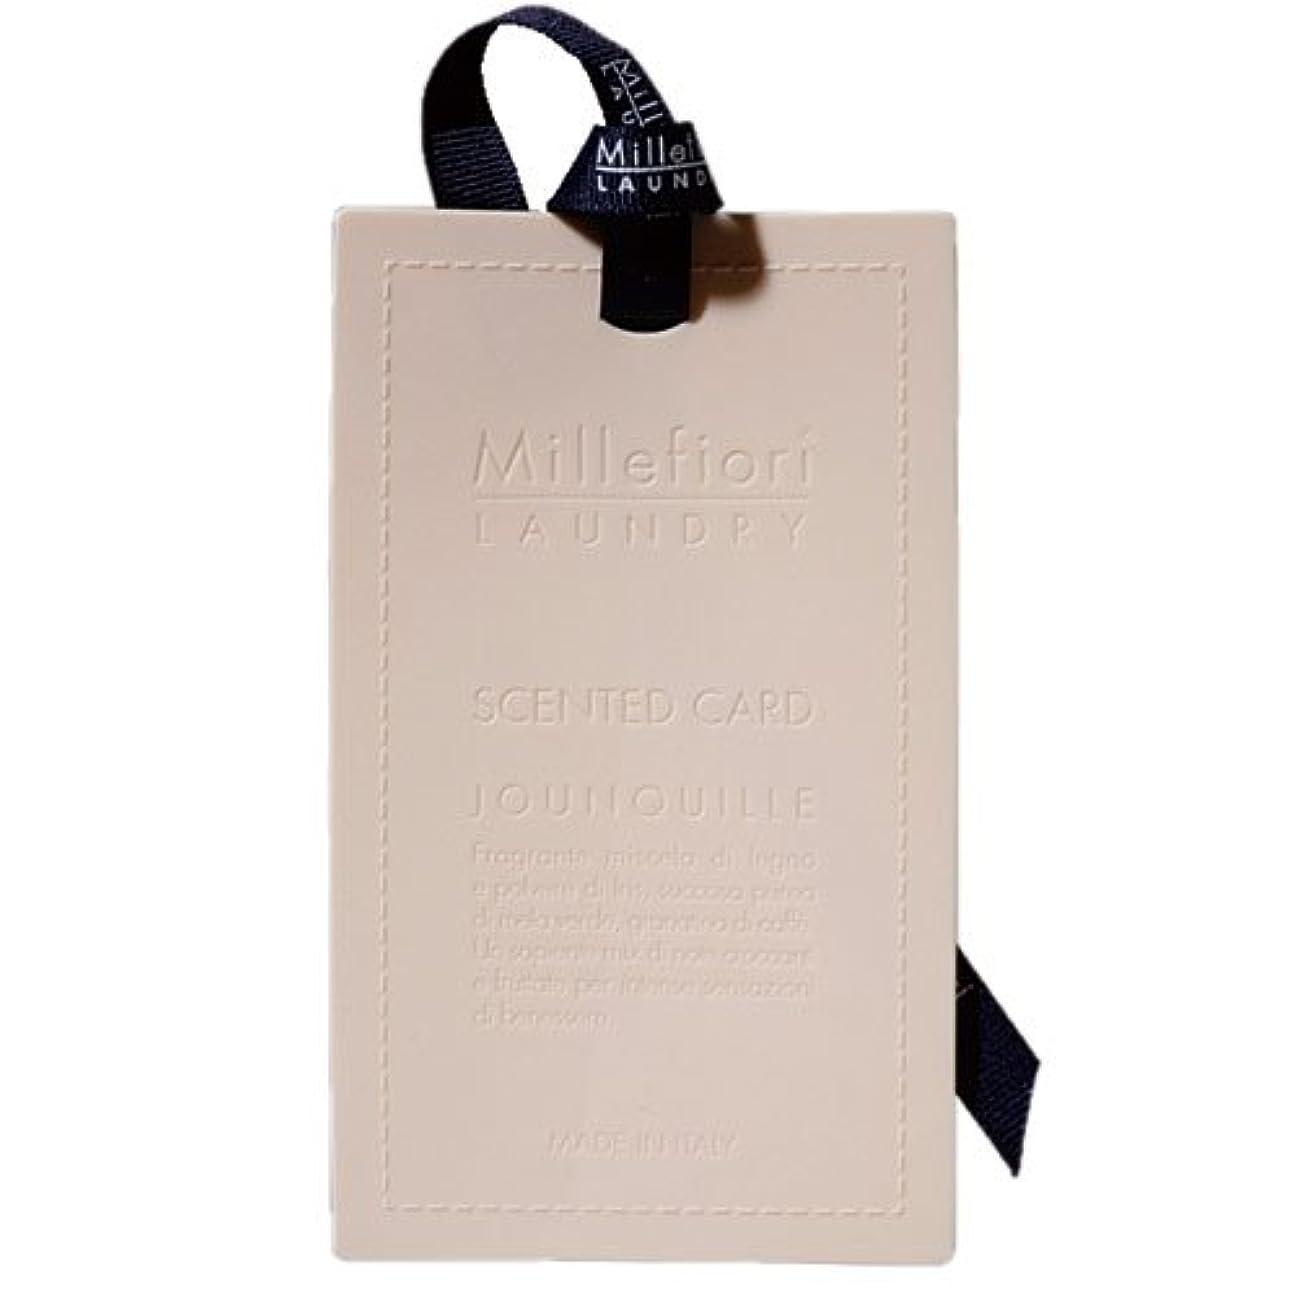 スクランブル兵隊消費するMillefiori センテッドカード ナルシス CARD-A-001